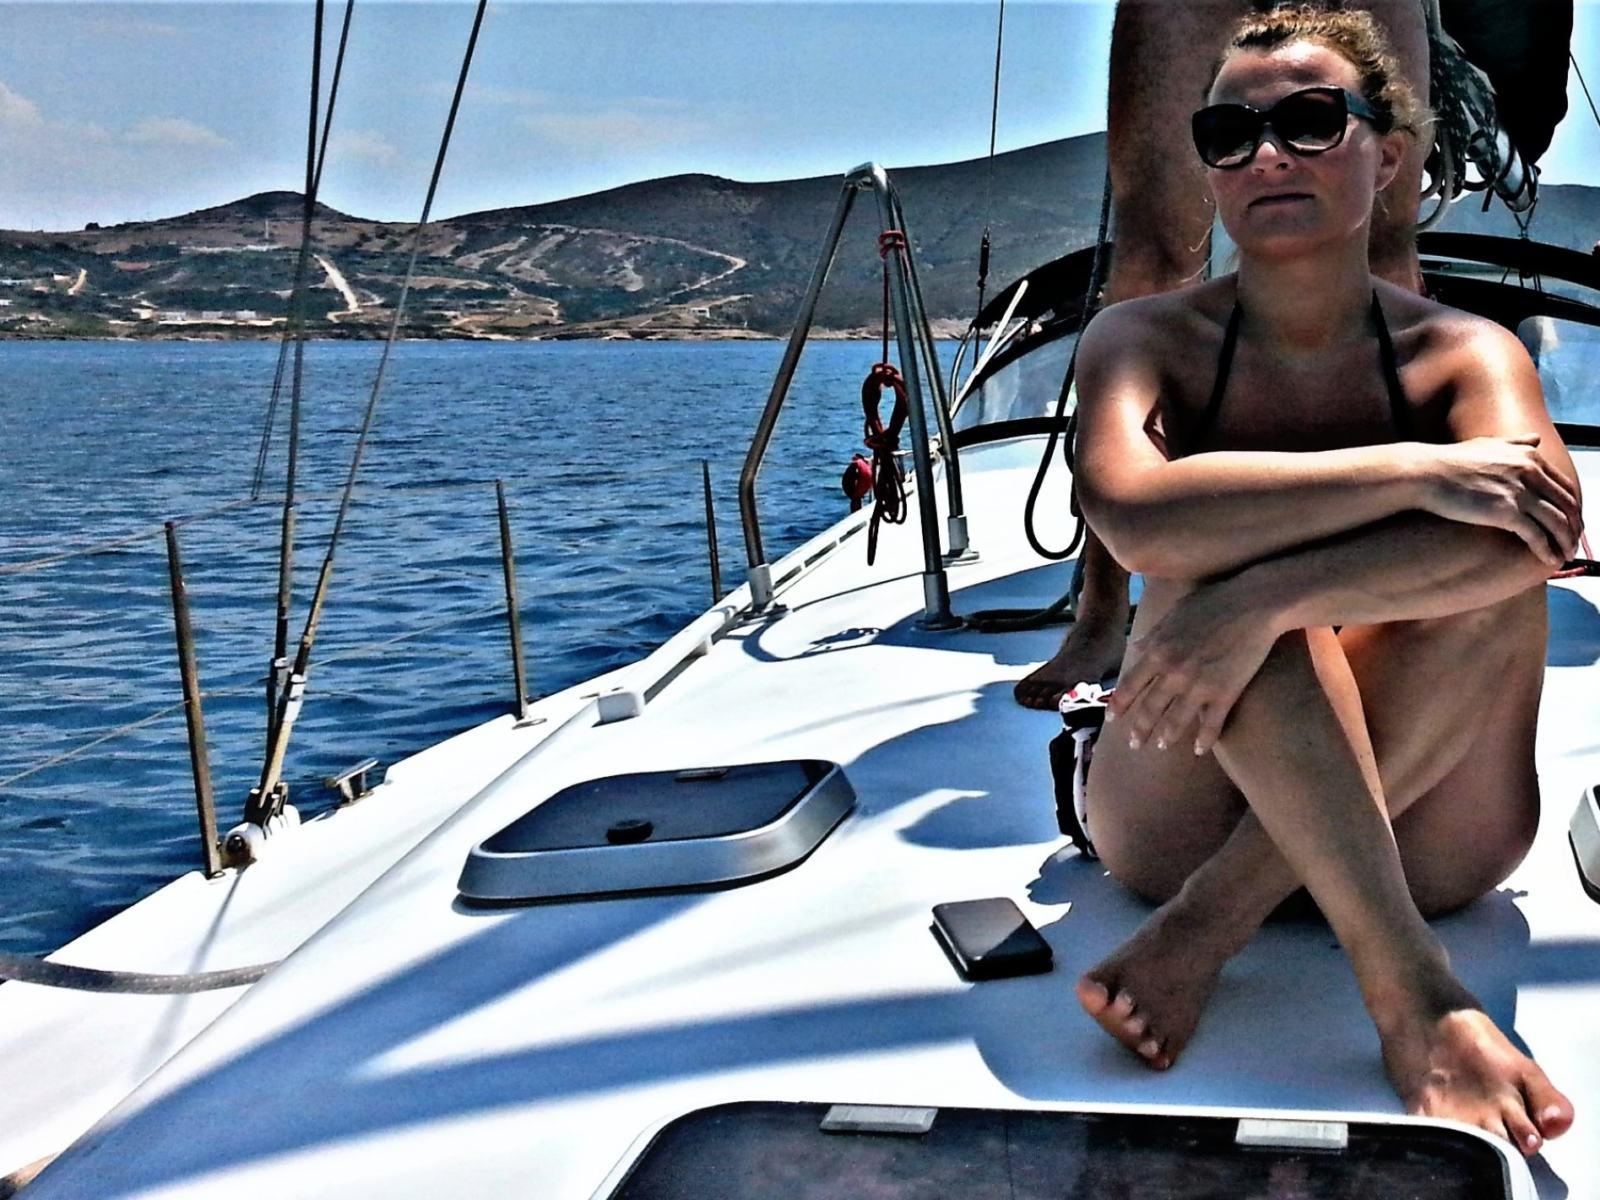 Vacanze in barca a vela - Salsedine e Libertà di Sara Gervasini